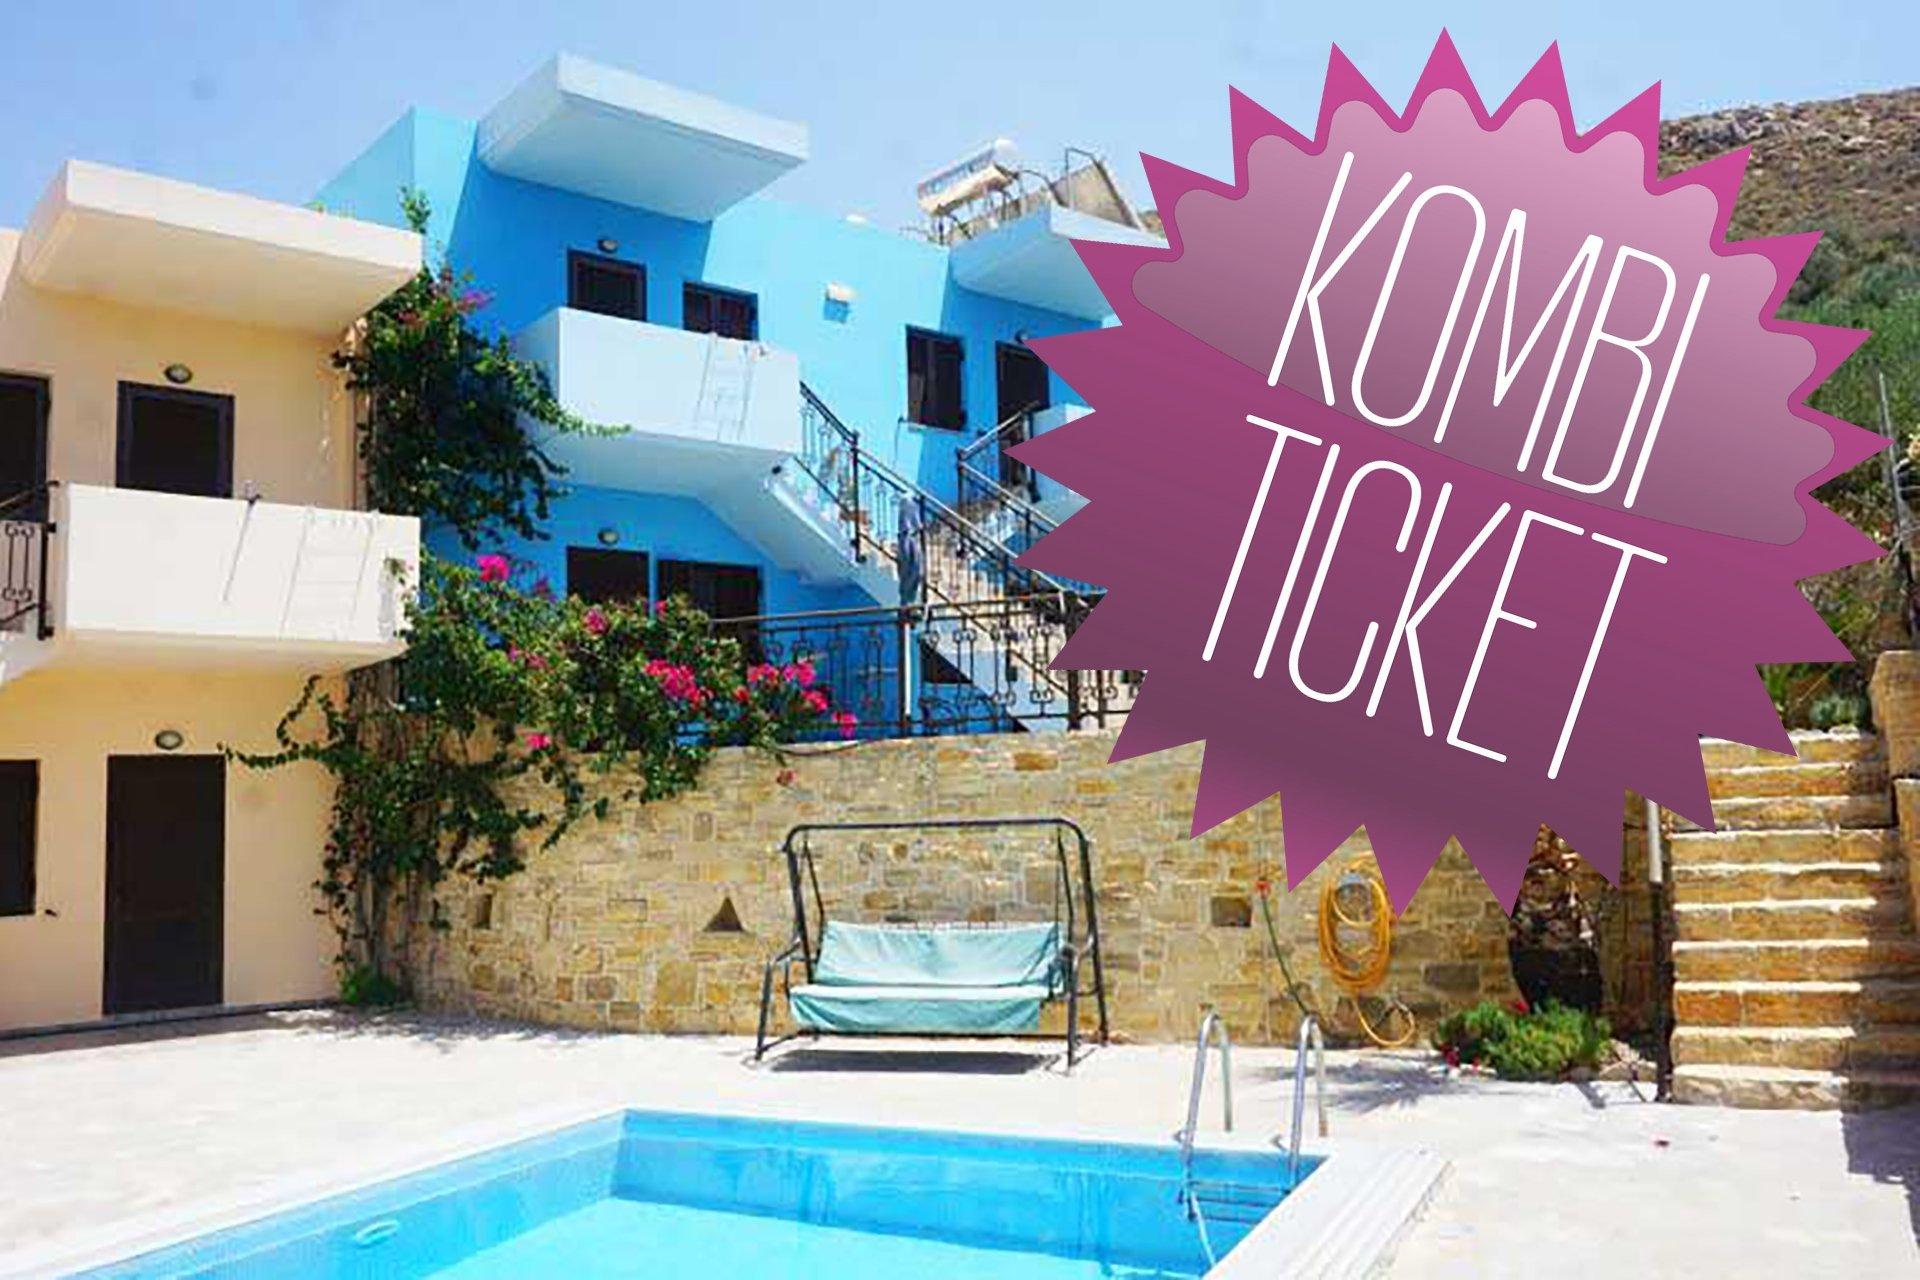 studios_kombi_ticket